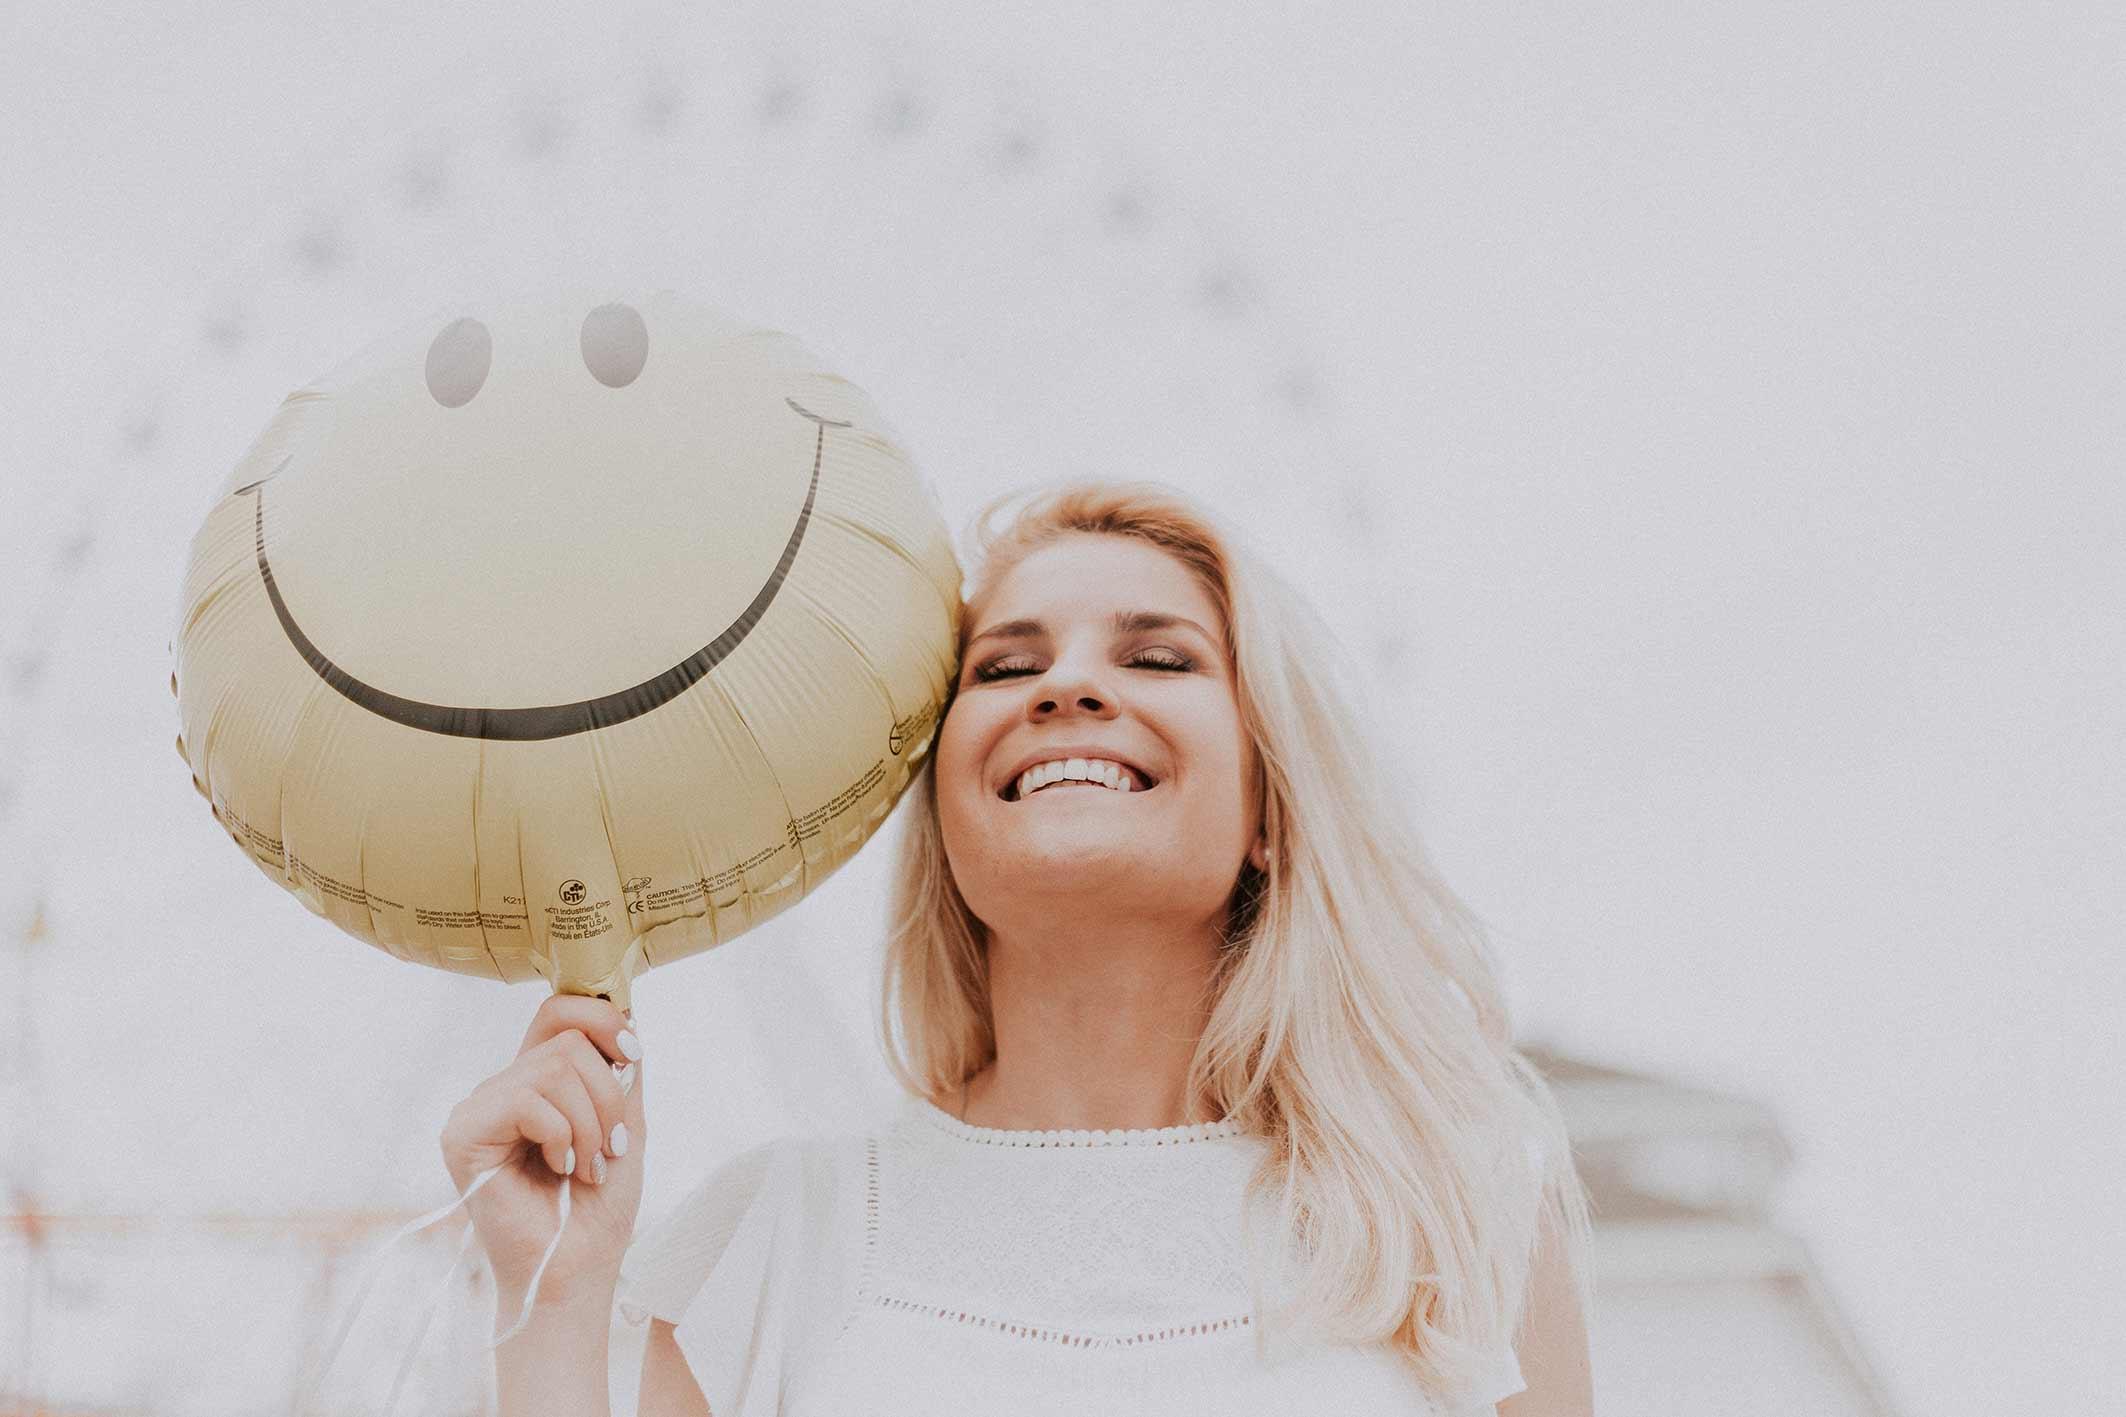 Atur Energi Untuk Hidup (Lebih) Bahagia